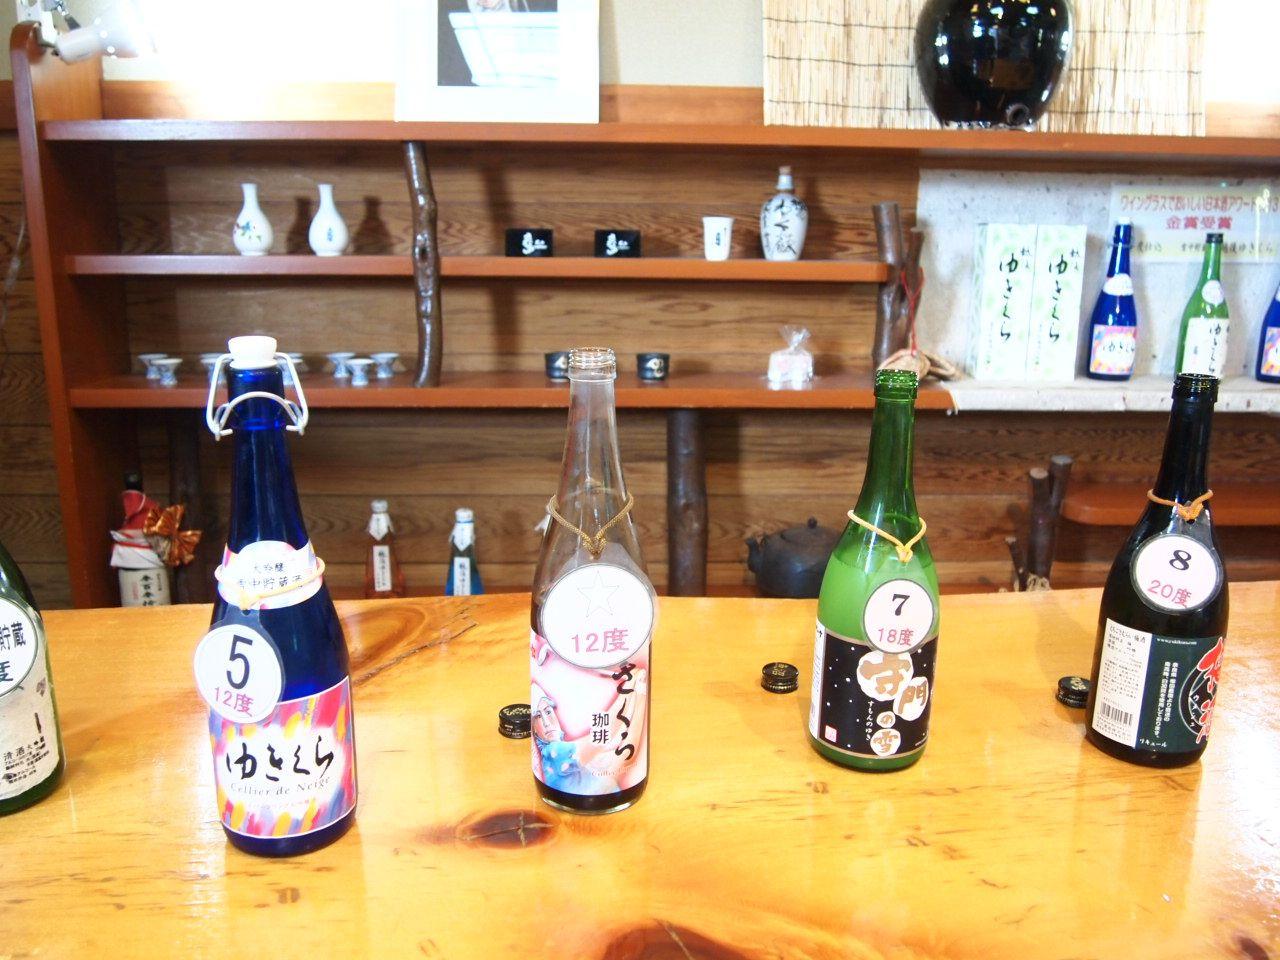 試飲あり!見学無料!!度数日本一の日本酒をつくる玉川酒造の酒蔵見学〜新潟県魚沼市